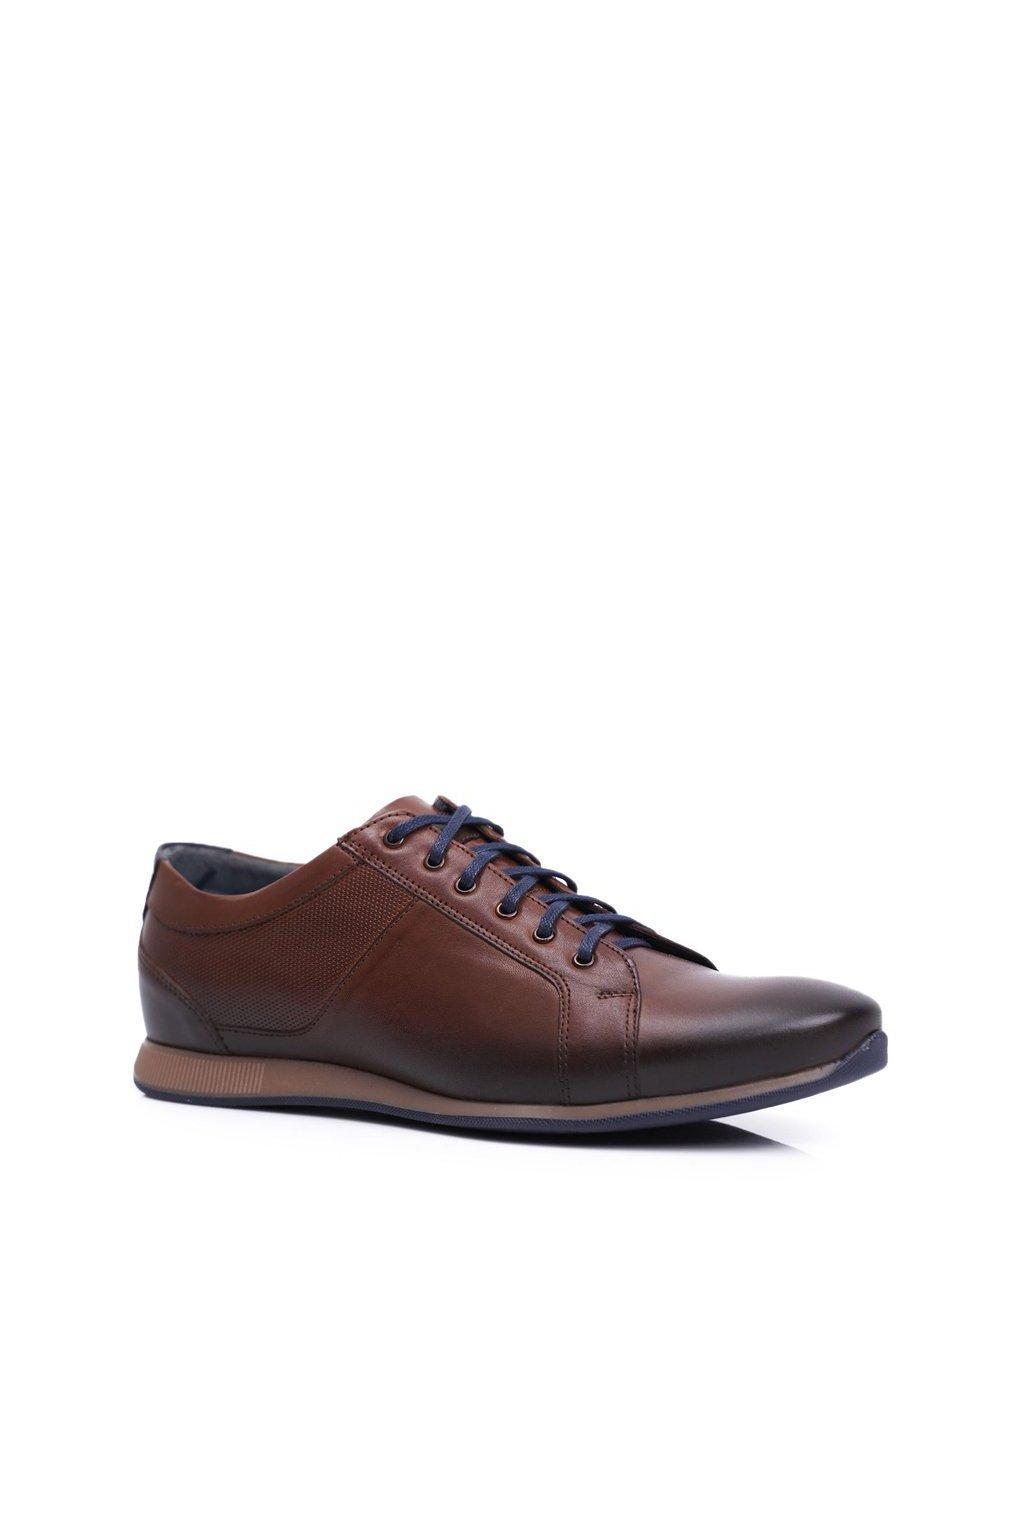 Pánske poltopánky farba hnedá kód obuvi 1730 BROWN BC.17